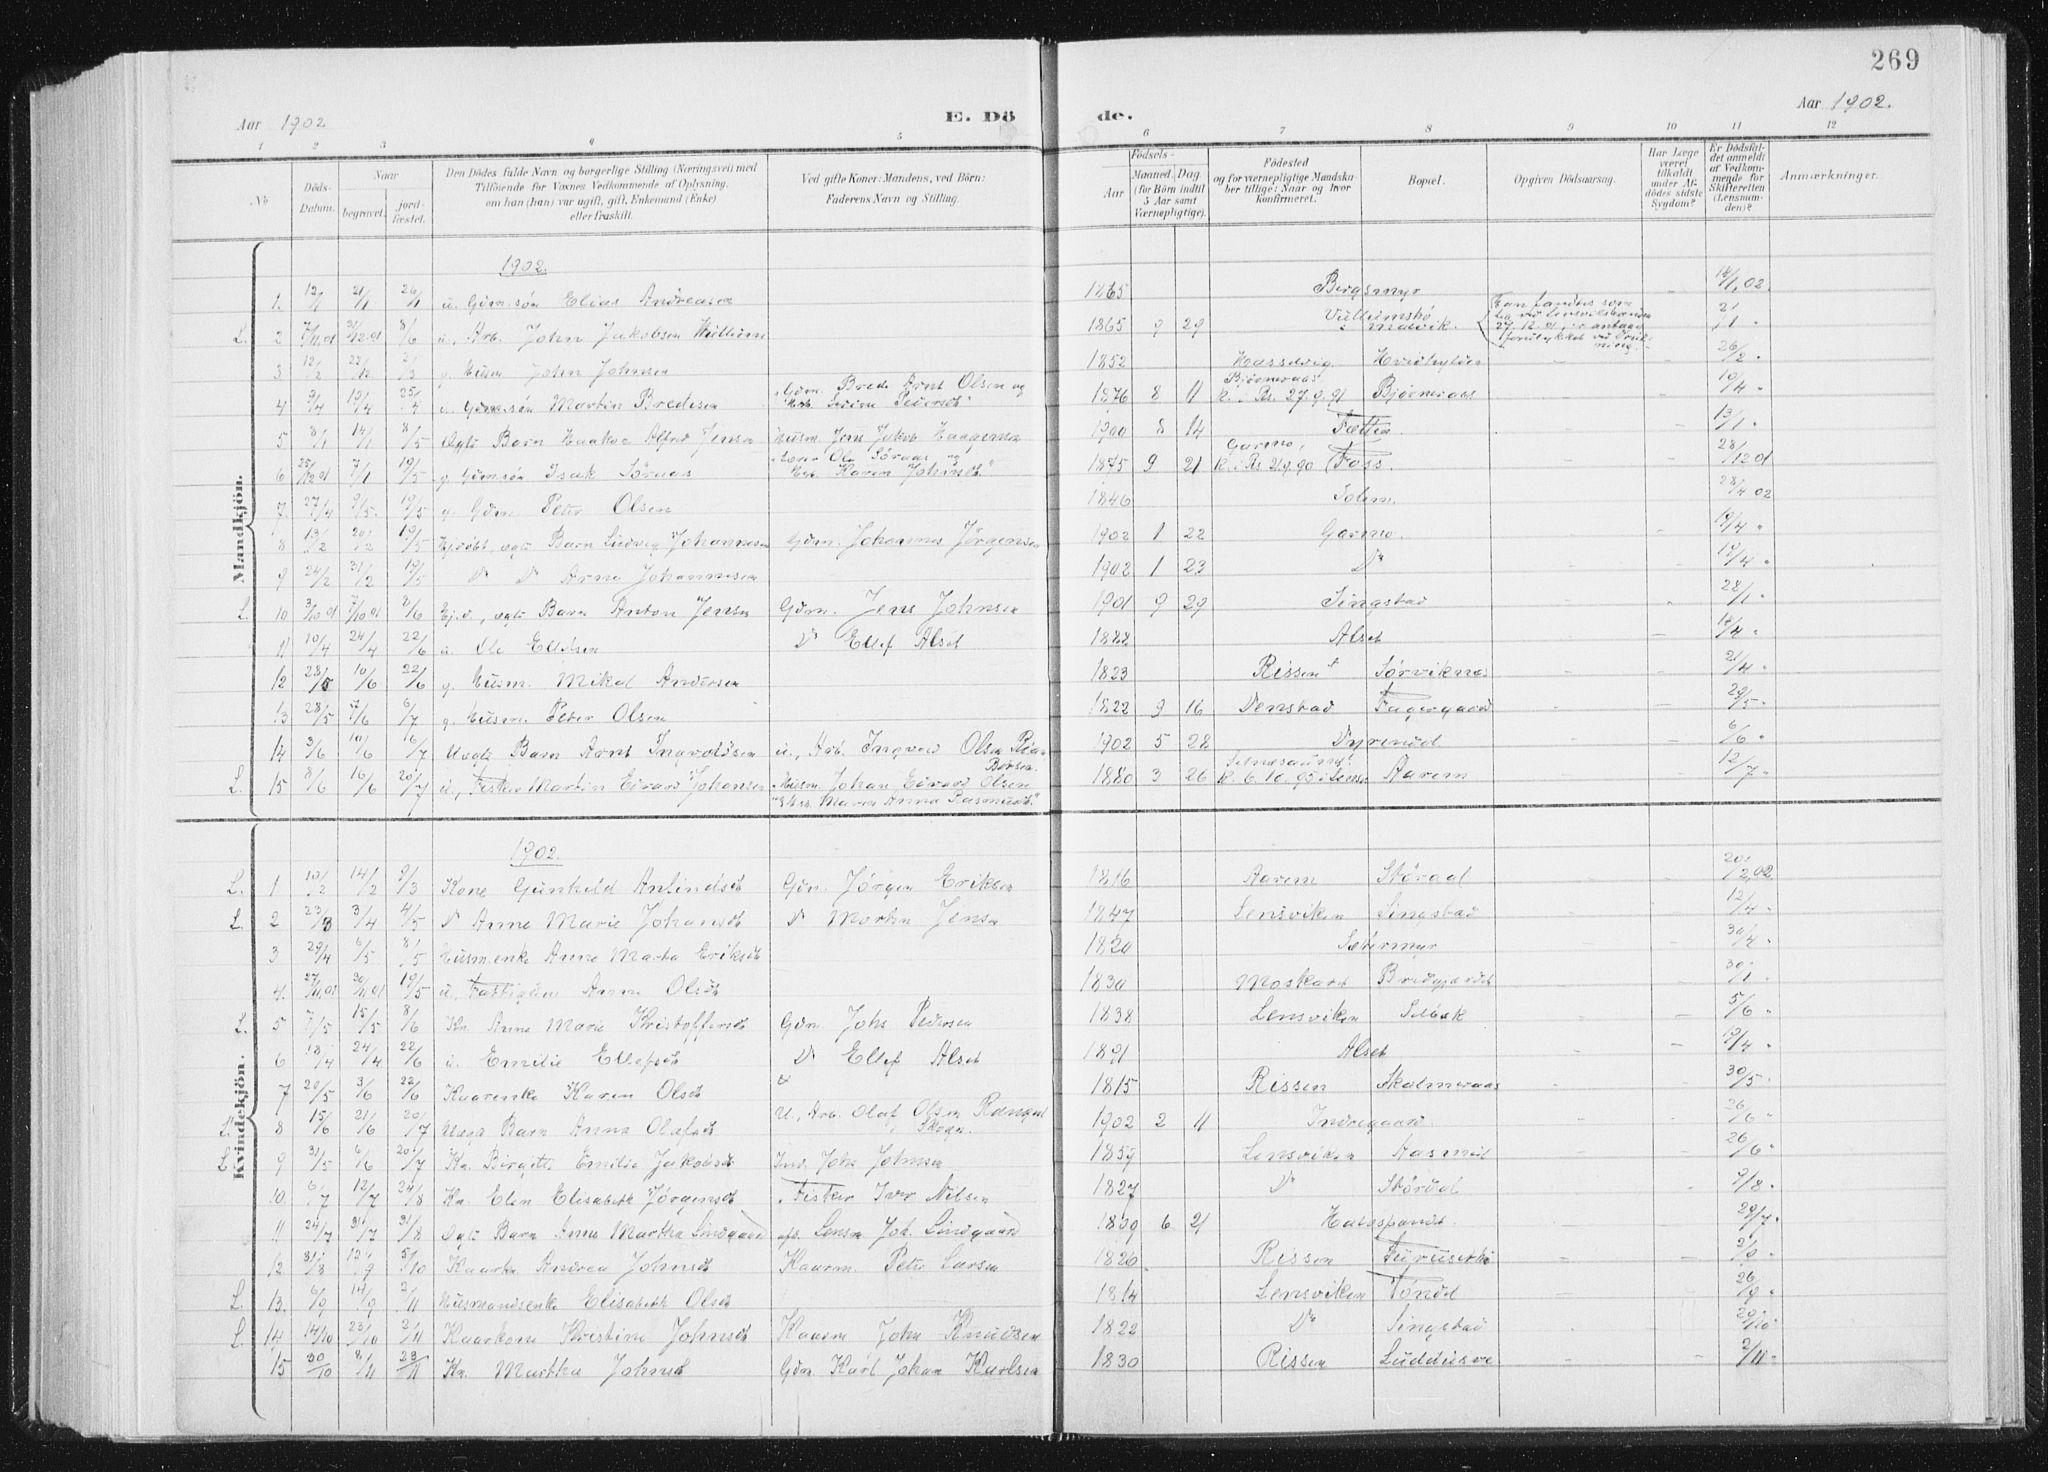 SAT, Ministerialprotokoller, klokkerbøker og fødselsregistre - Sør-Trøndelag, 647/L0635: Ministerialbok nr. 647A02, 1896-1911, s. 269